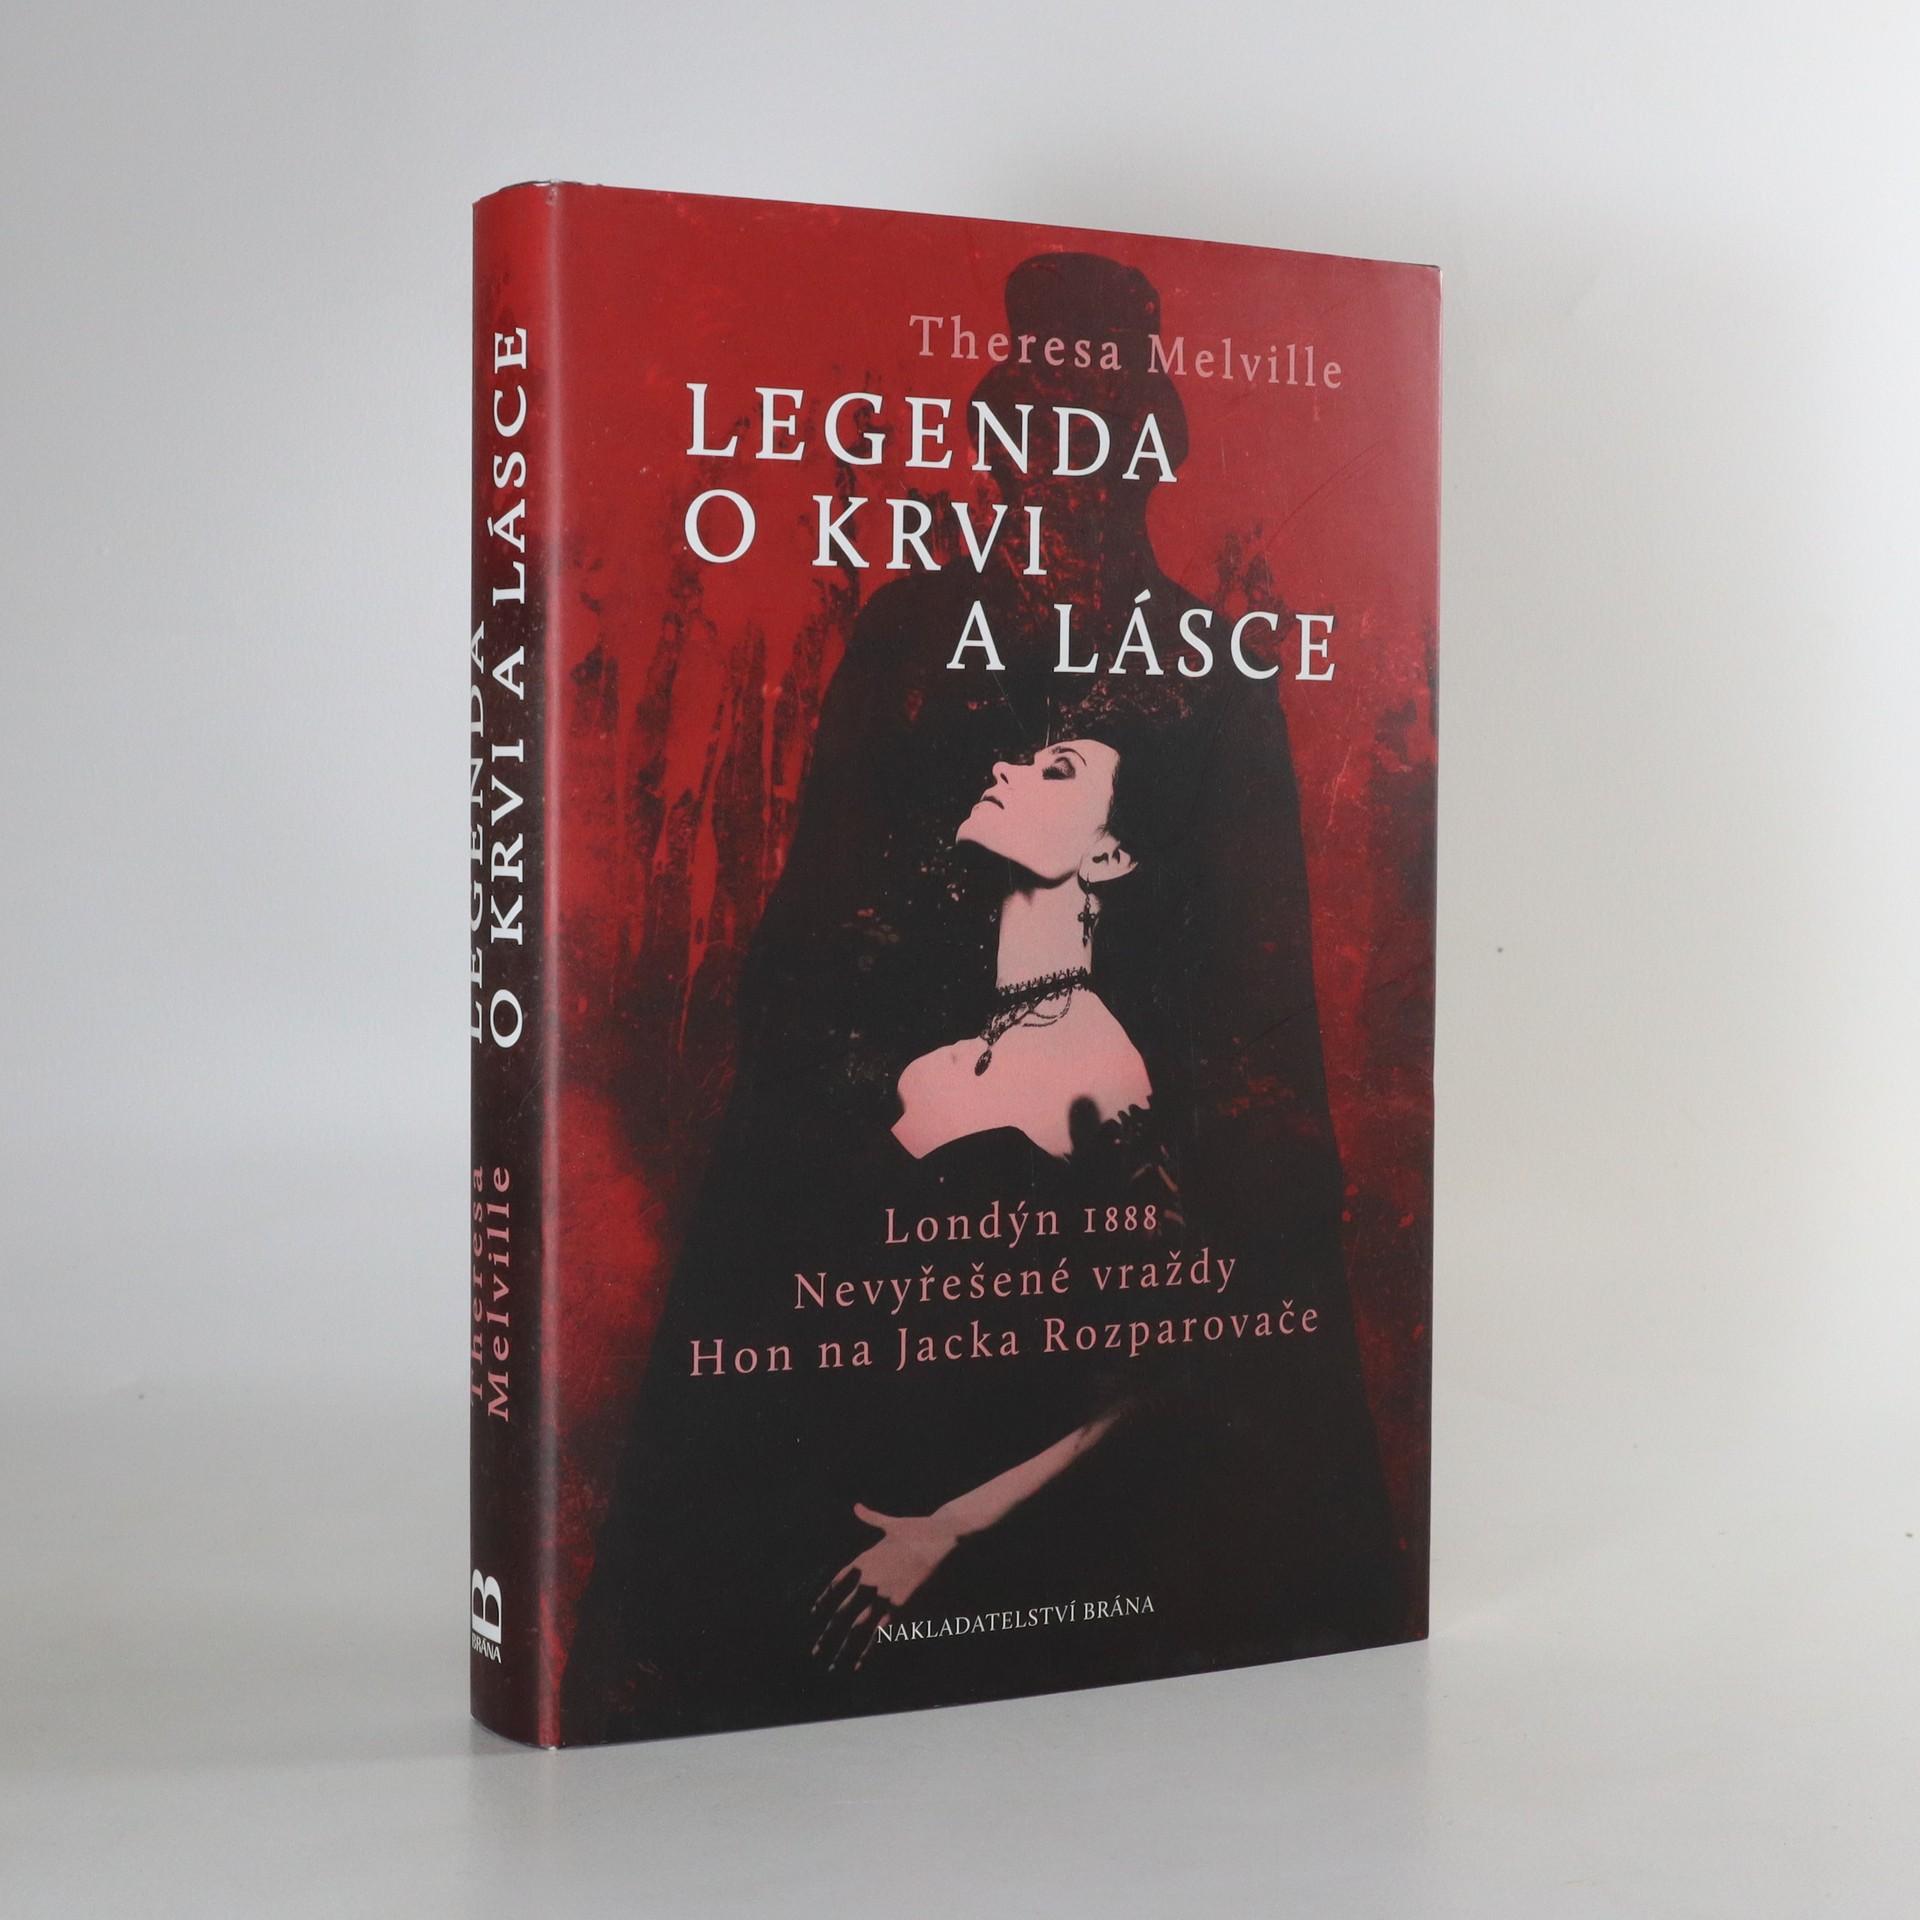 antikvární kniha Legenda o krvi a lásce, 2017